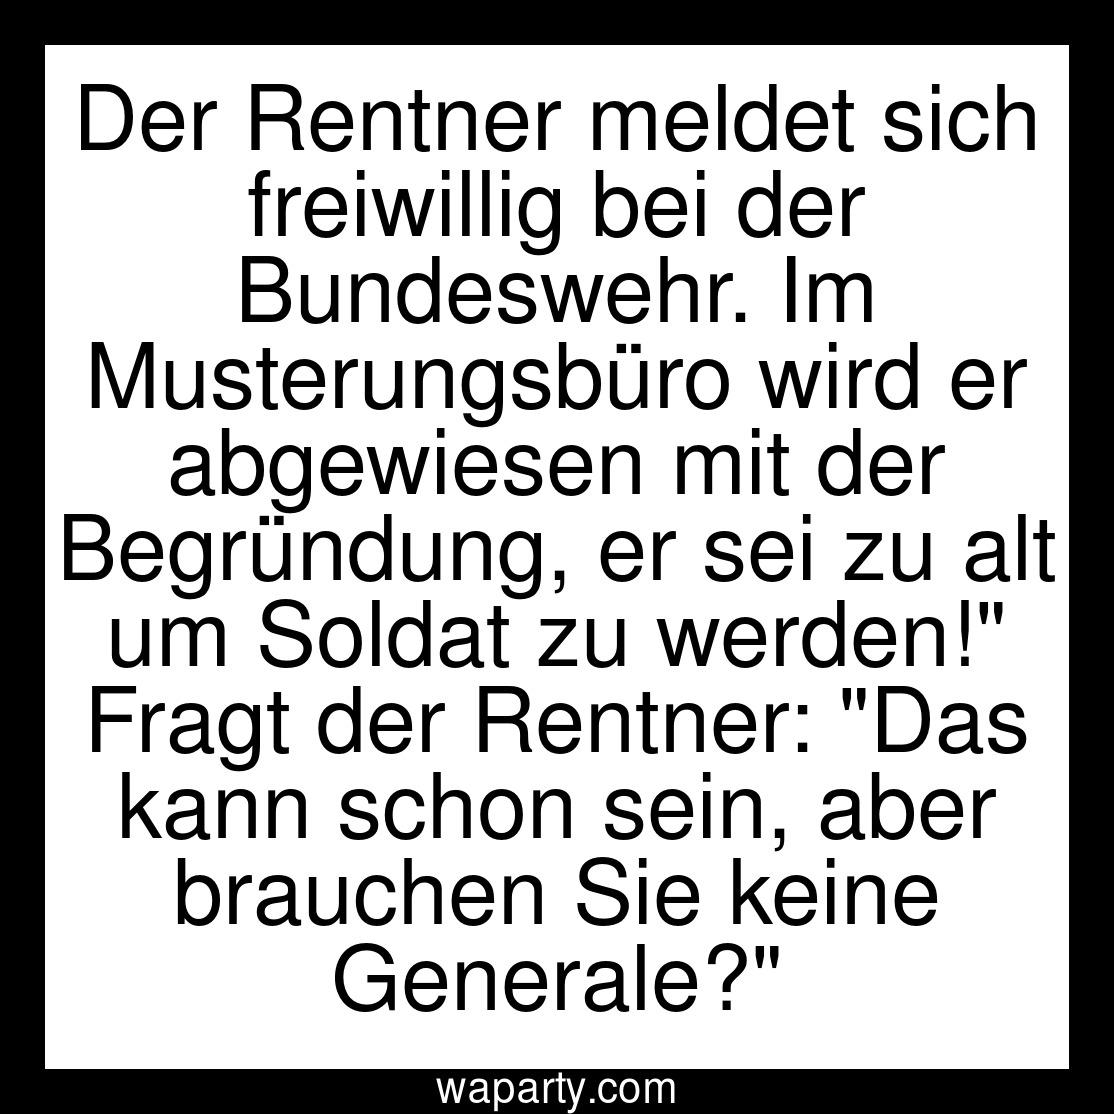 Der Rentner meldet sich freiwillig bei der Bundeswehr. Im Musterungsbüro wird er abgewiesen mit der Begründung, er sei zu alt um Soldat zu werden! Fragt der Rentner: Das kann schon sein, aber brauchen Sie keine Generale?